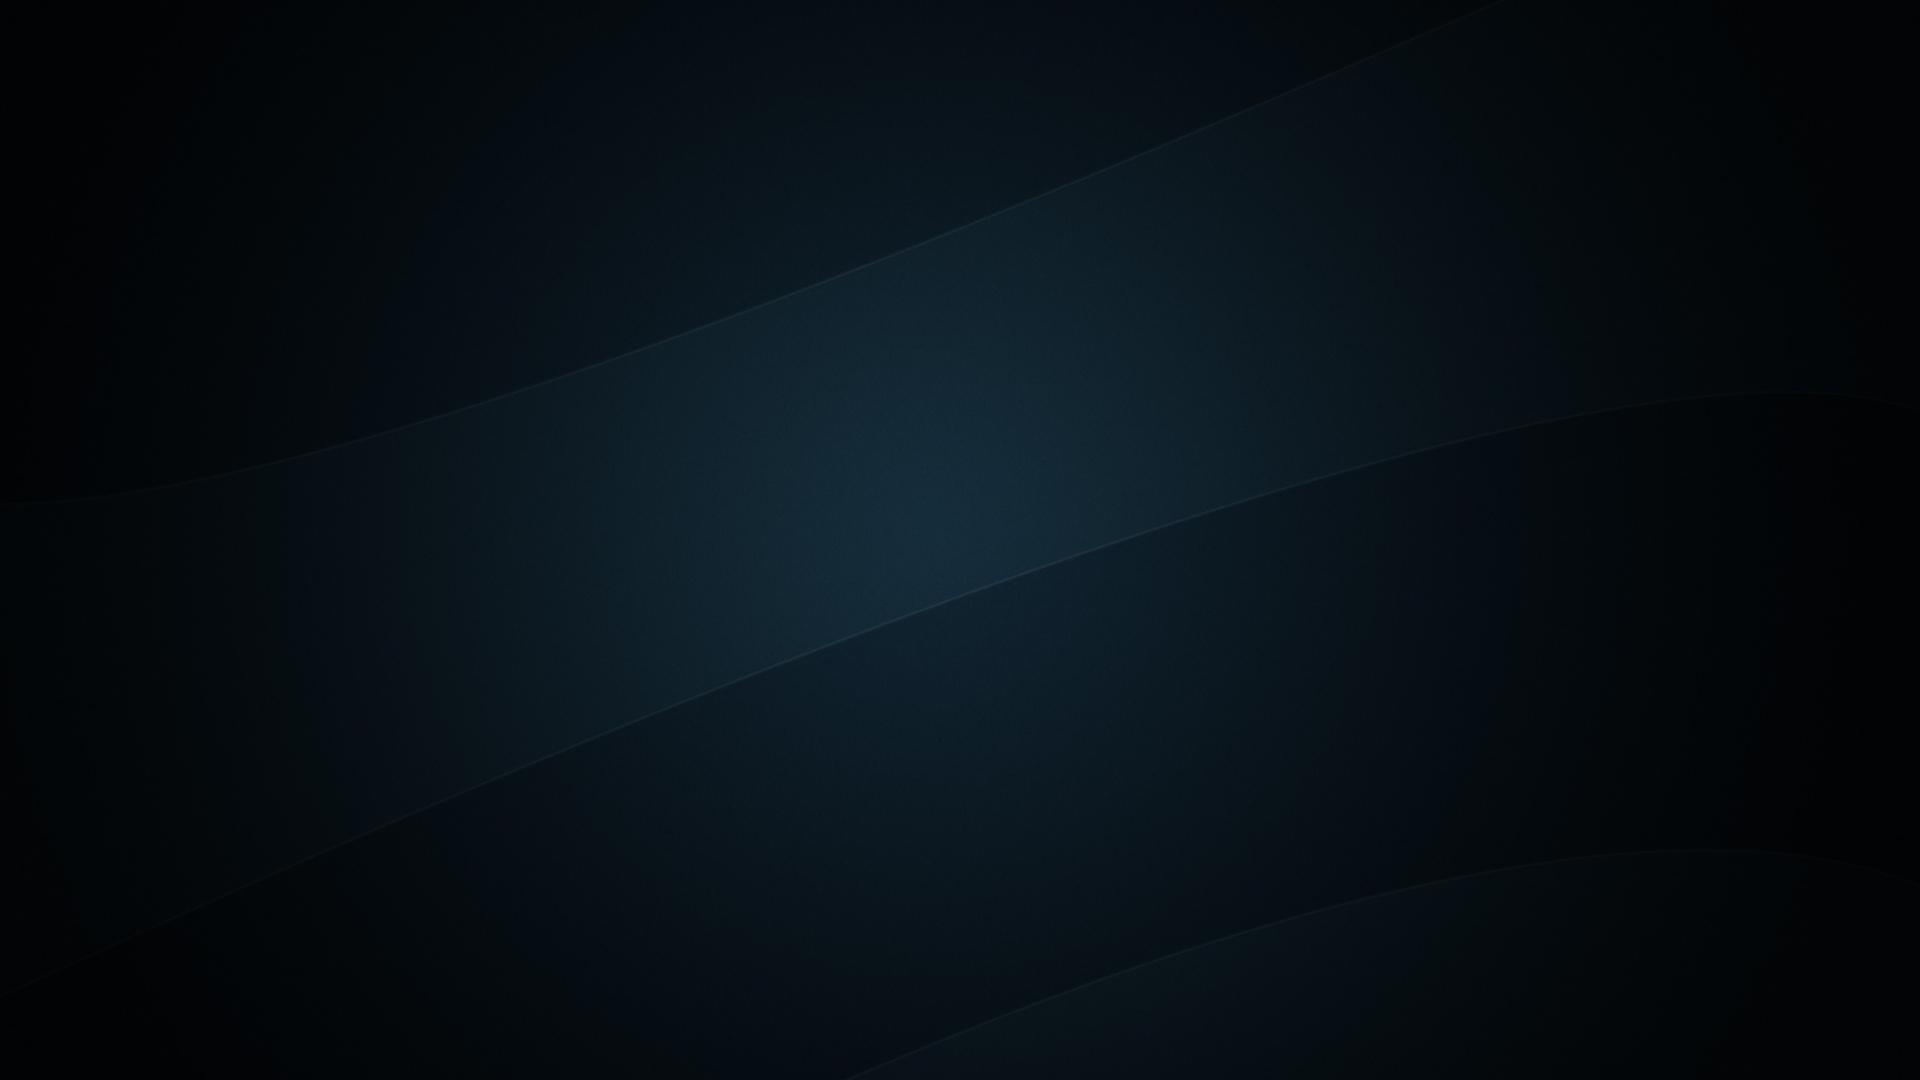 wallpapers blue dark wallpaper mac 1920x1080 1920x1080